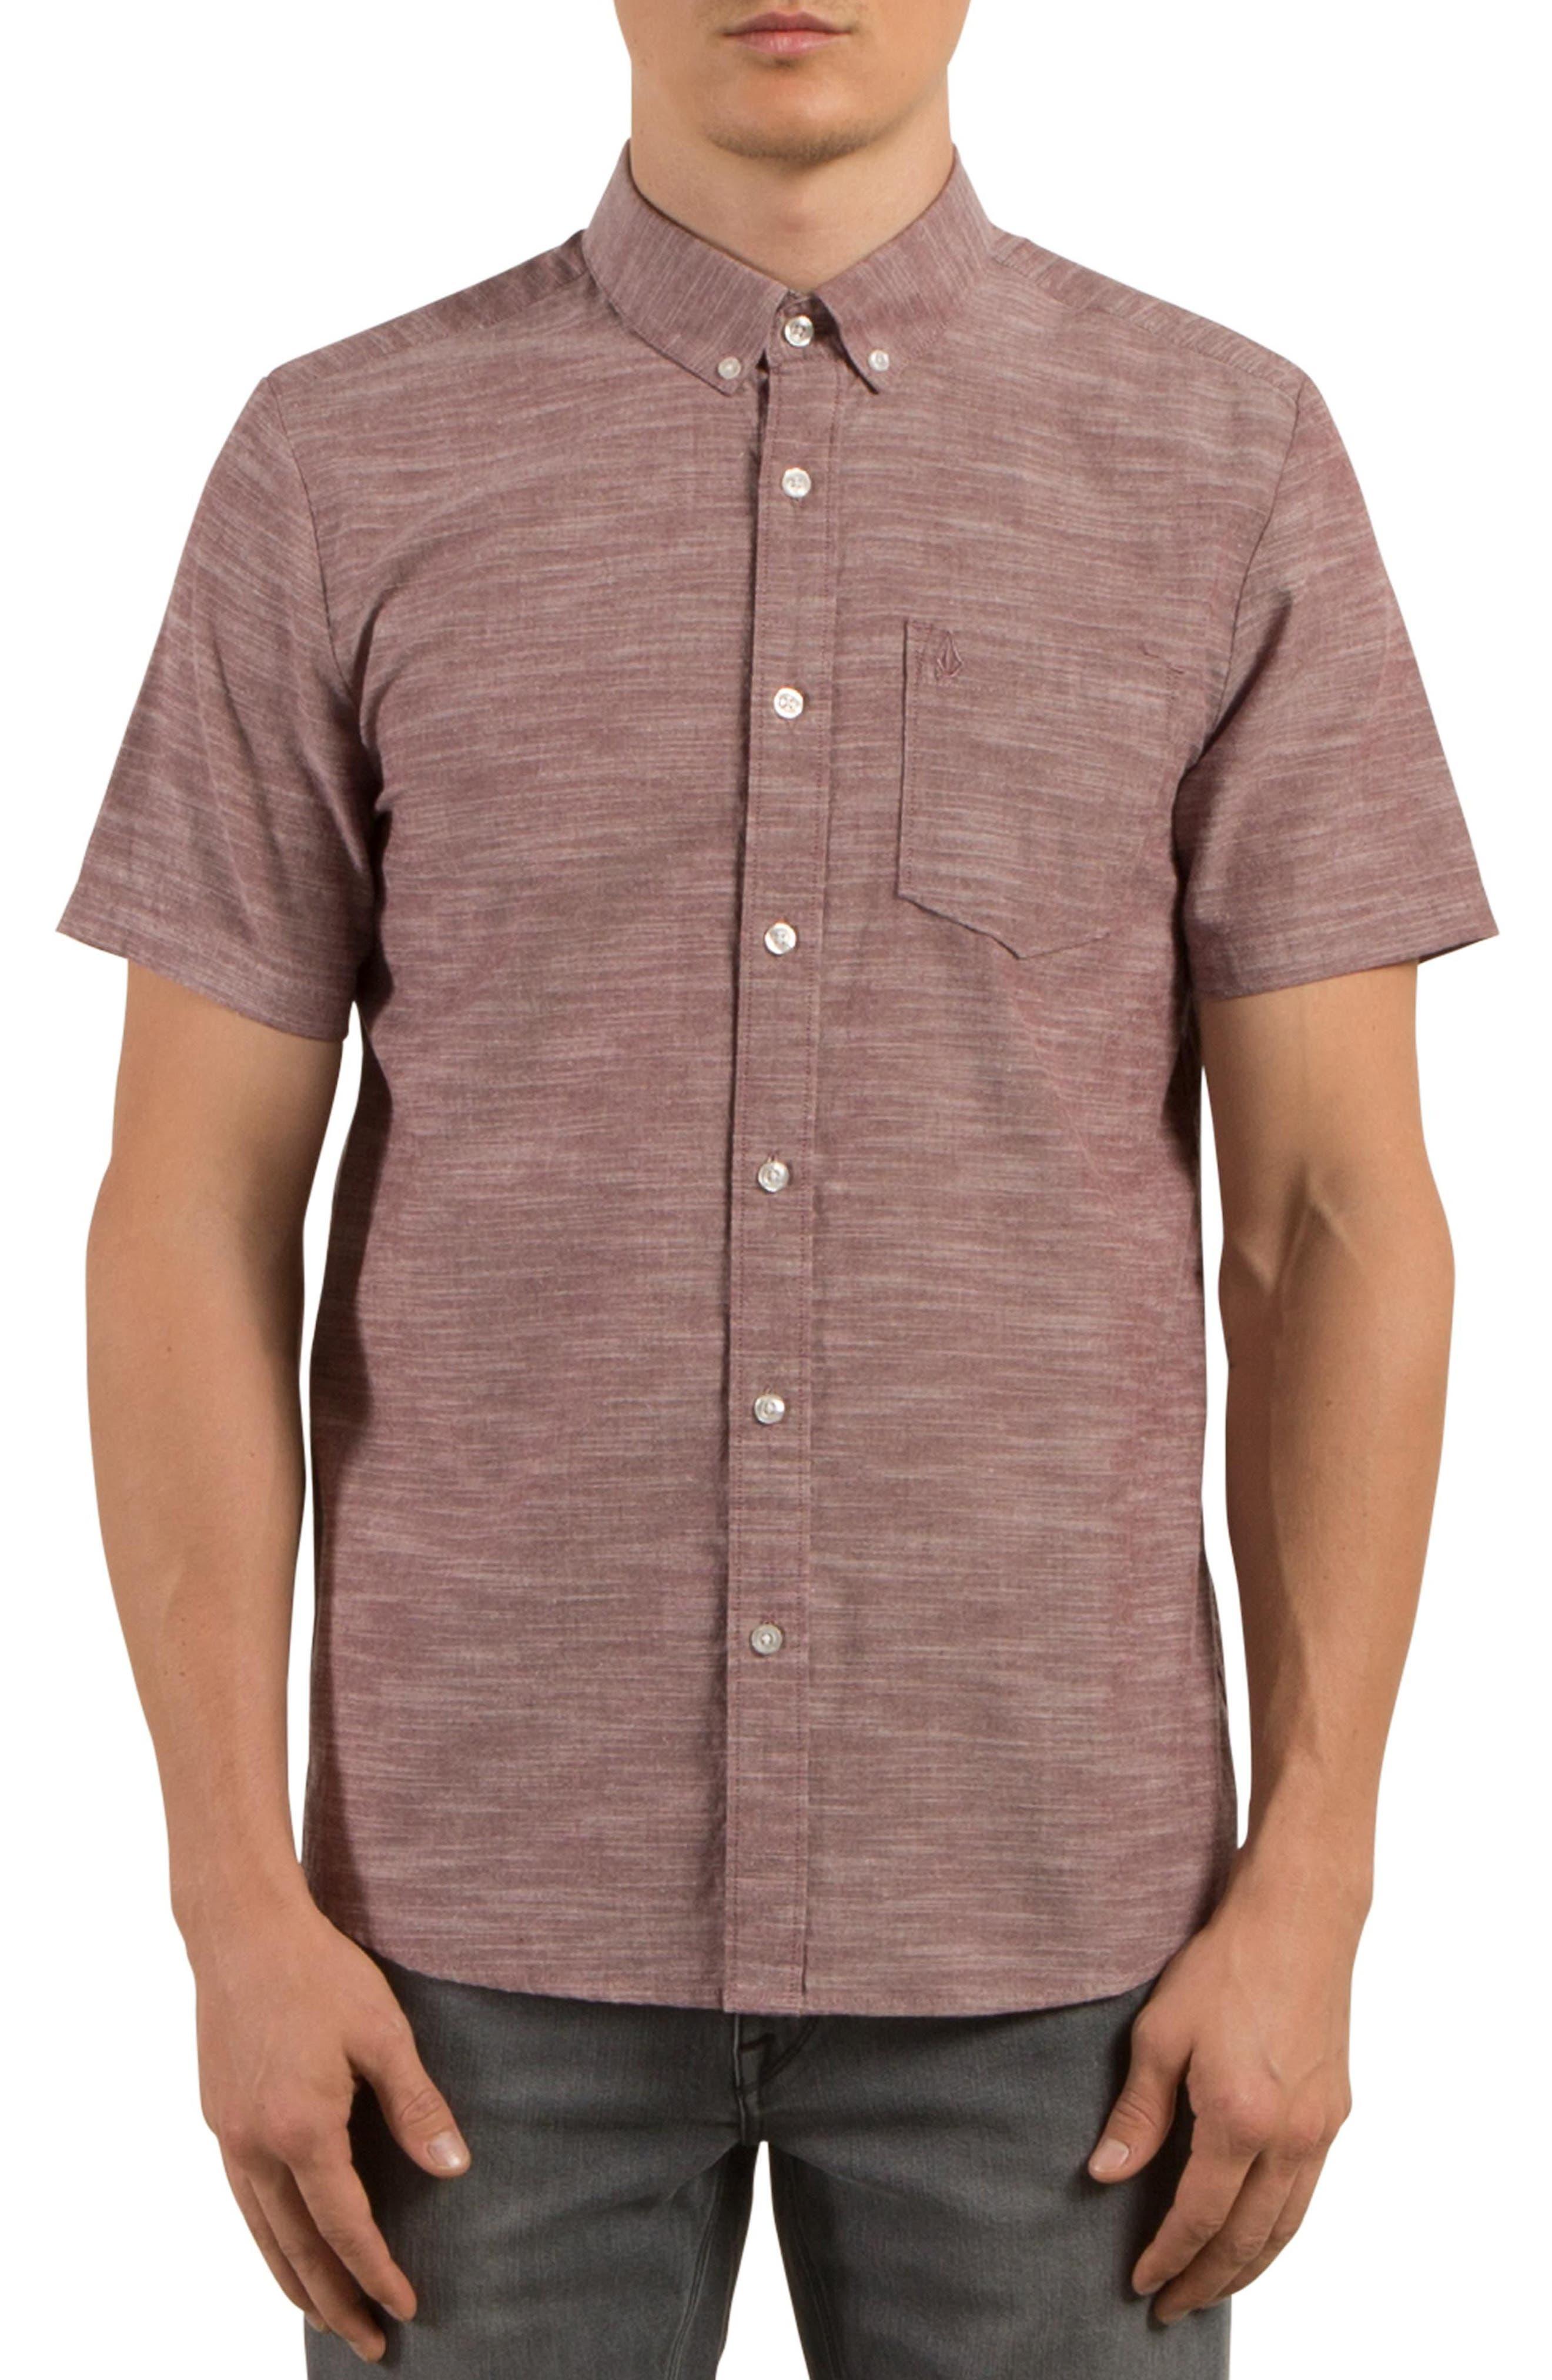 Volcom Slub Oxford Shirt